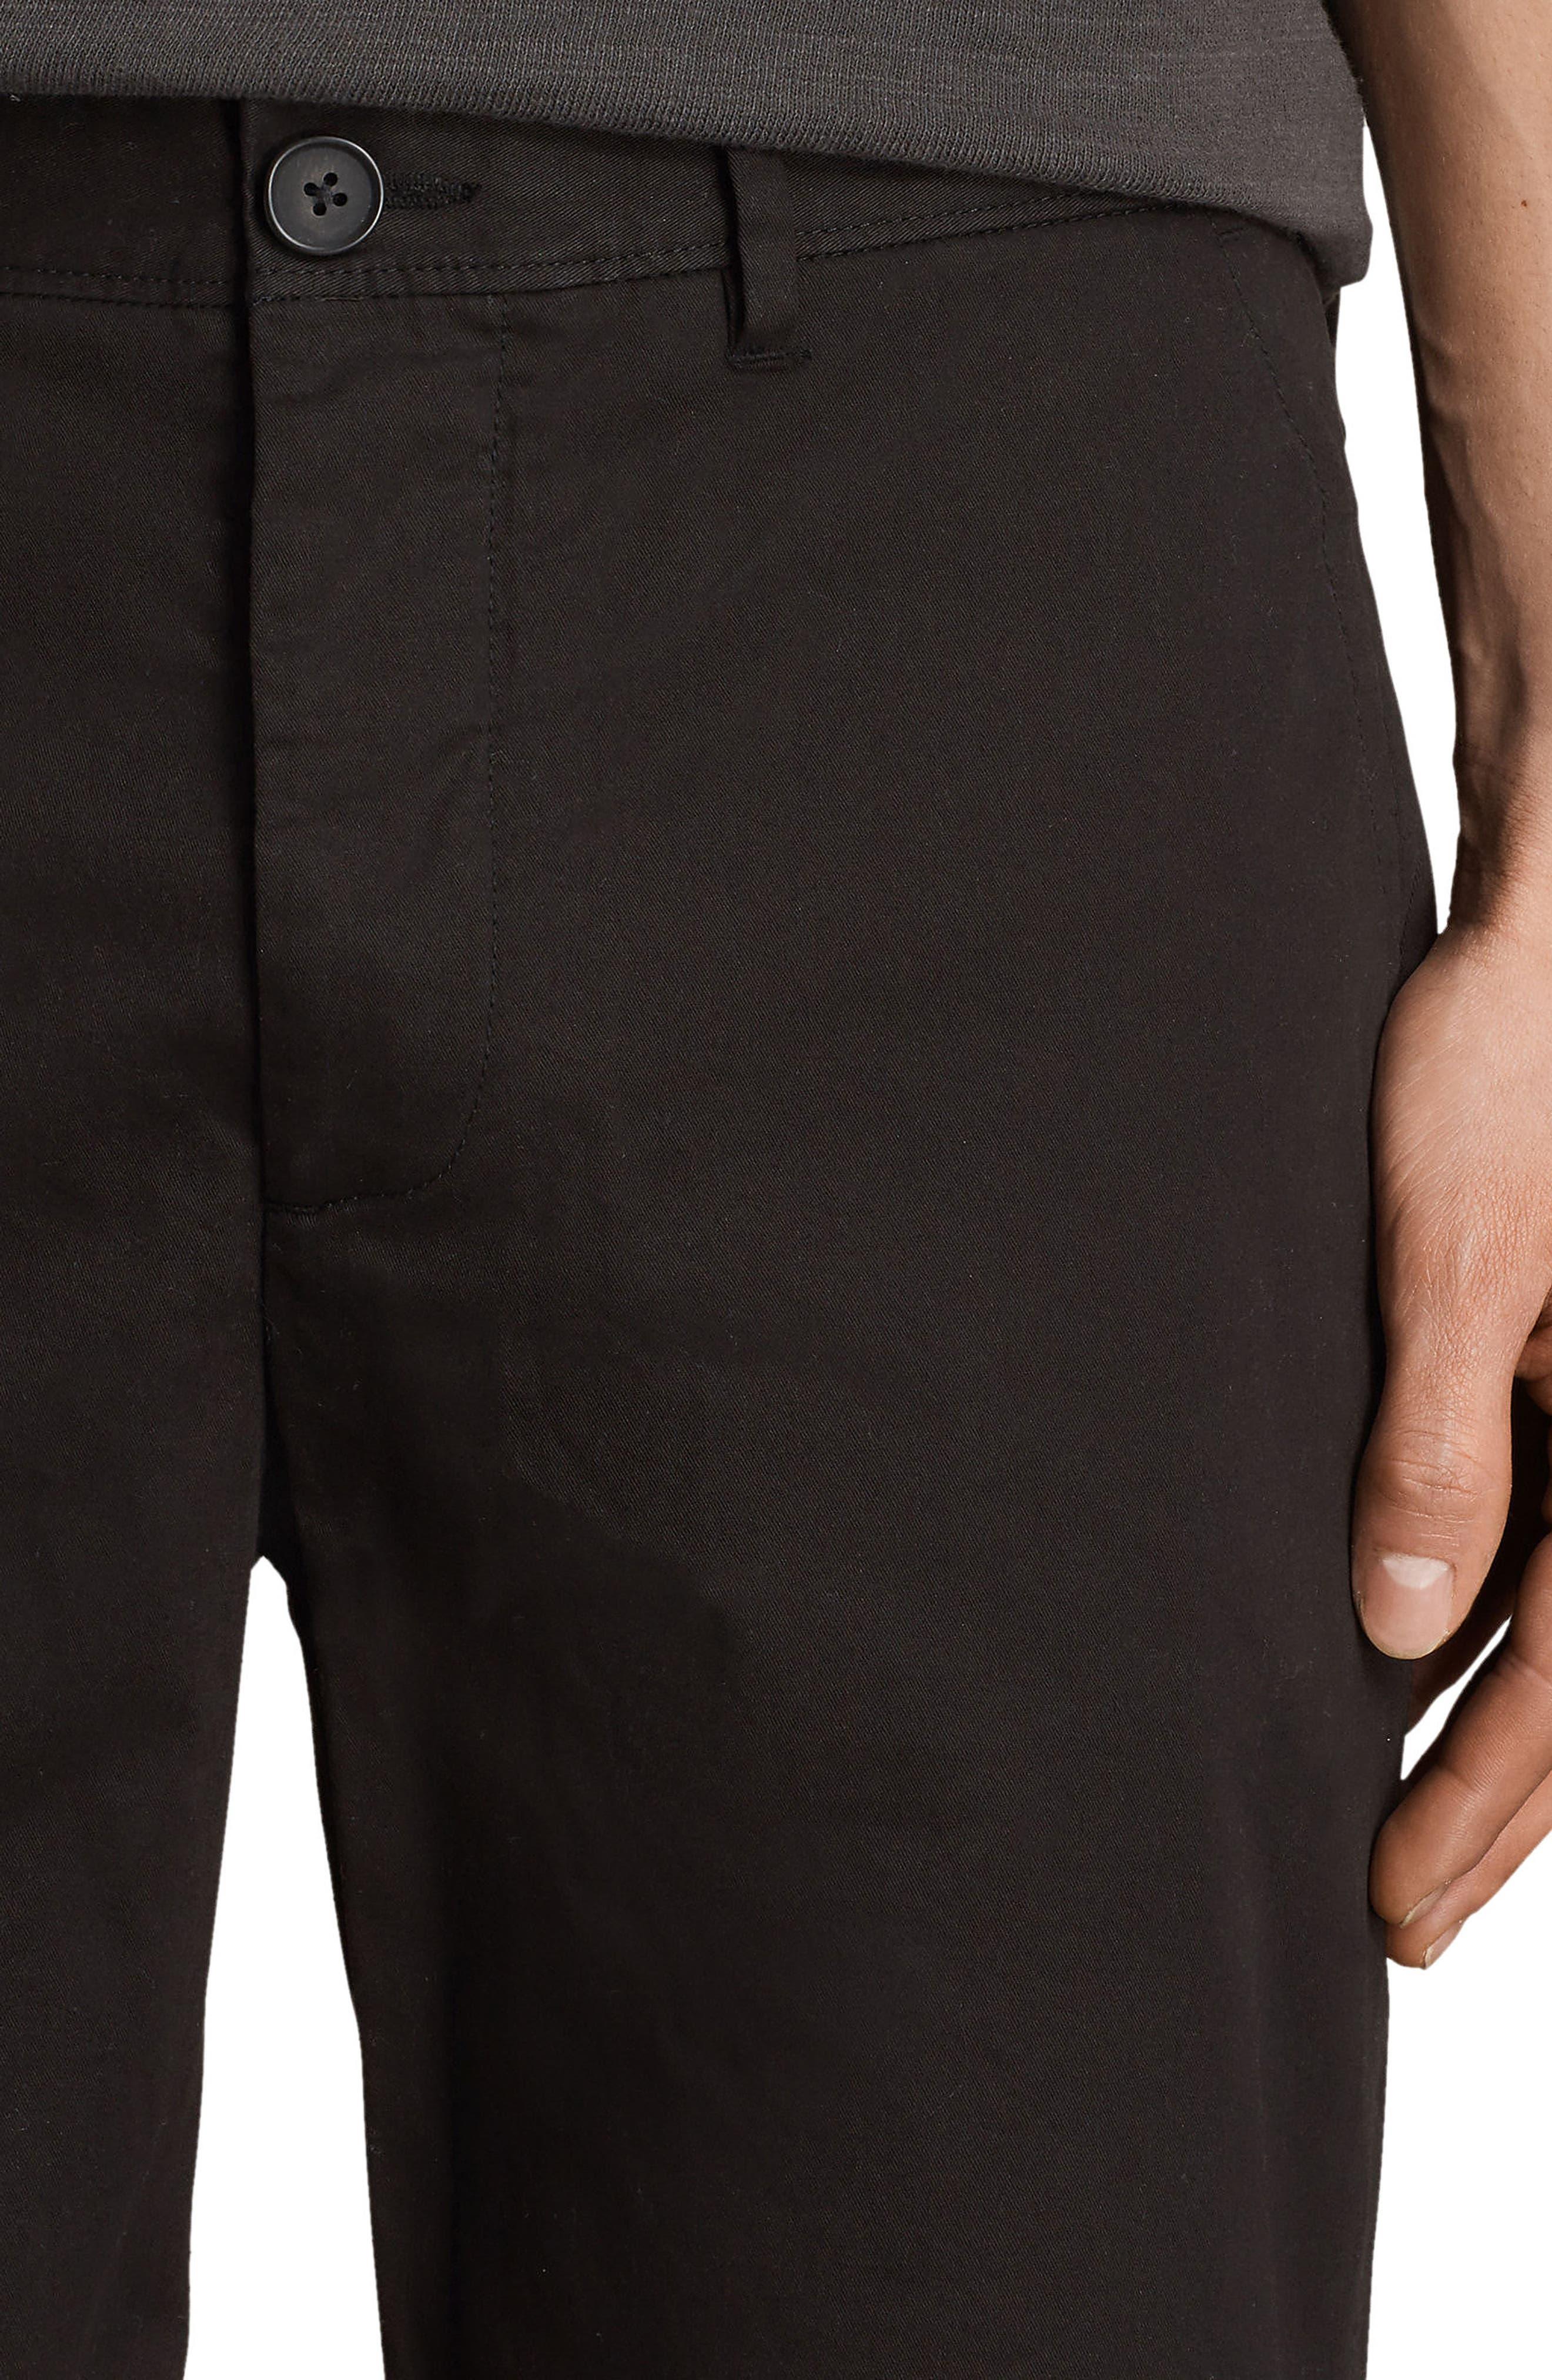 Cobalt Slim Fit Cotton Shorts,                             Alternate thumbnail 4, color,                             Black